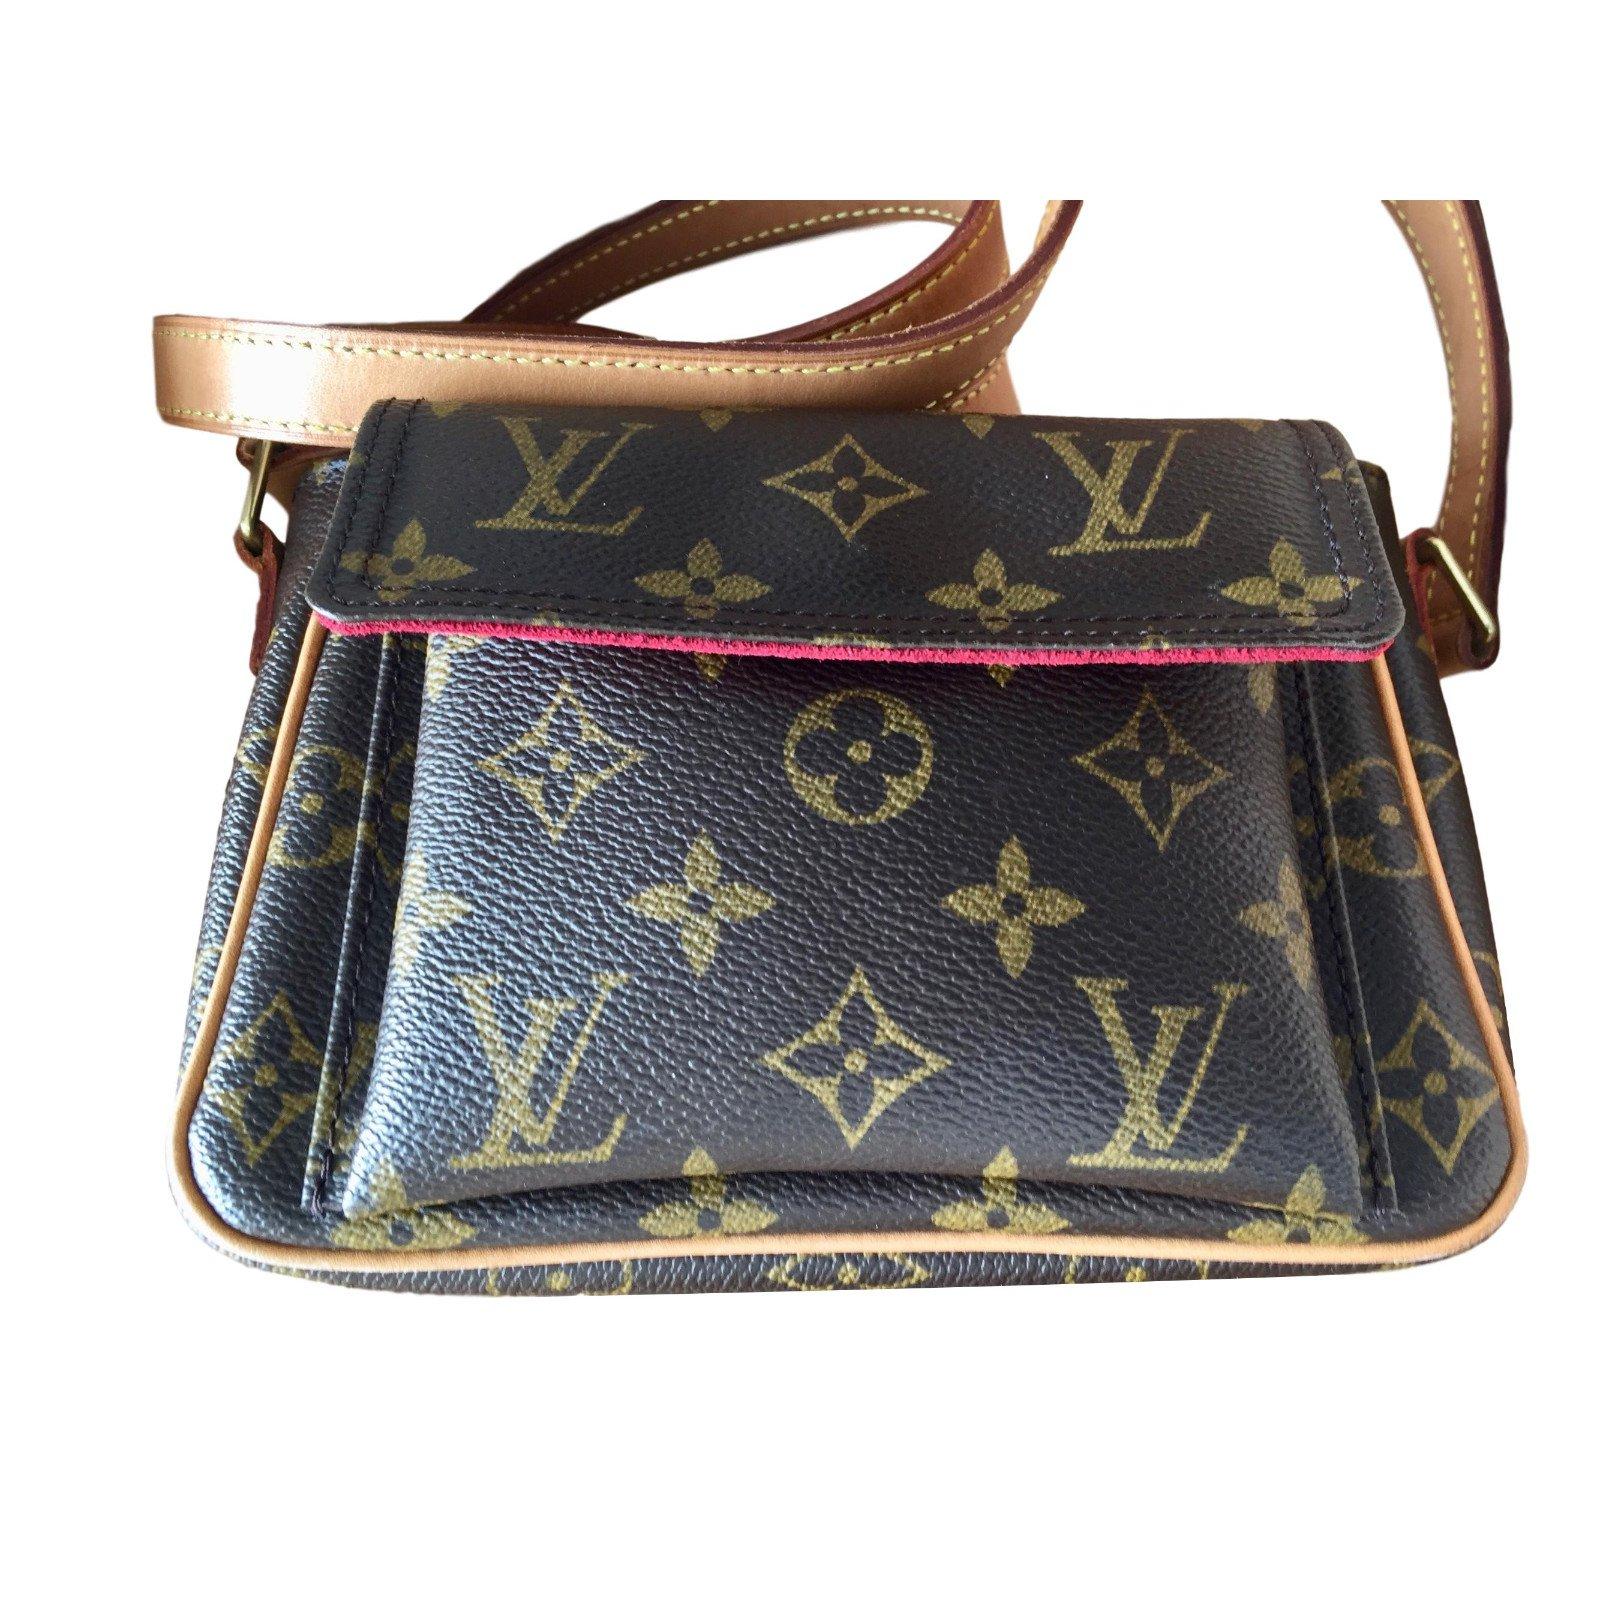 Sacs à main Louis Vuitton Sacs à main Cuir Marron clair ref.85116 ... ae337aa8b3da